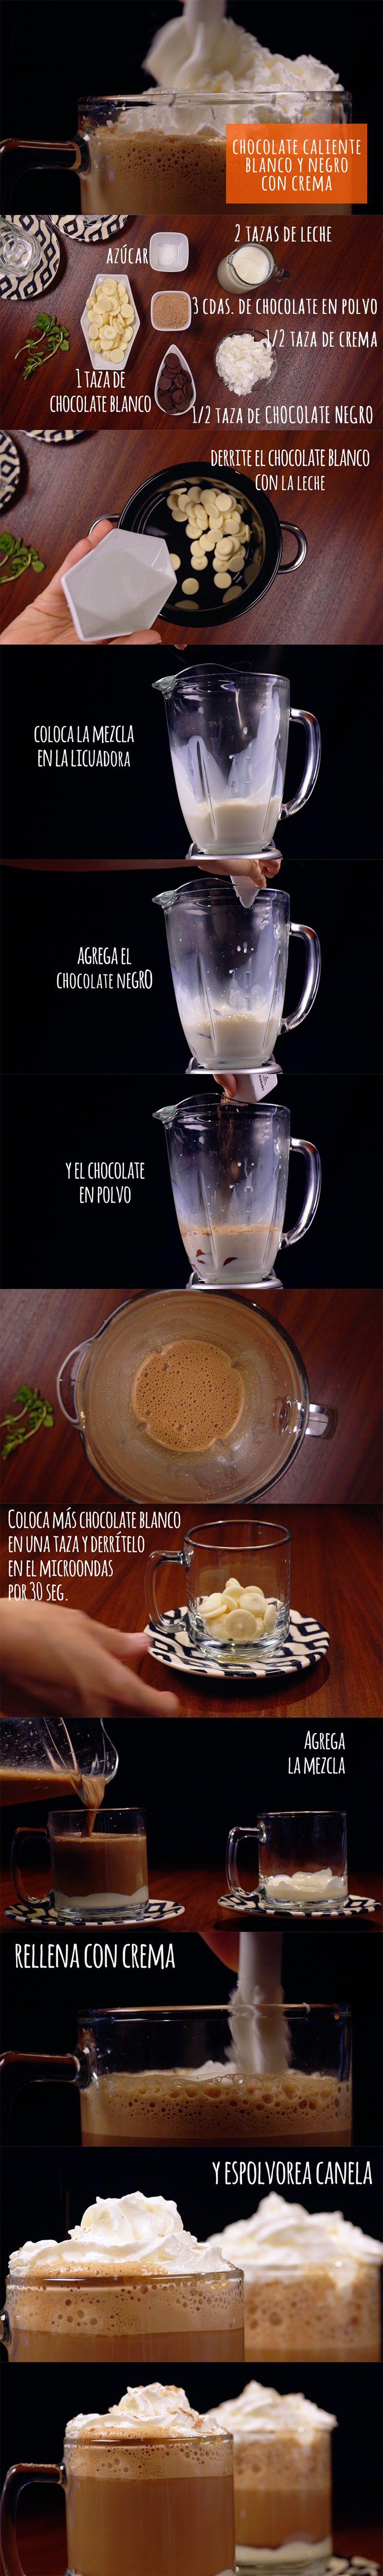 """Si piensas que """"Sin chocolate no hay paraíso"""" comparte y #DateElGusto  #Recetas #Cocina"""